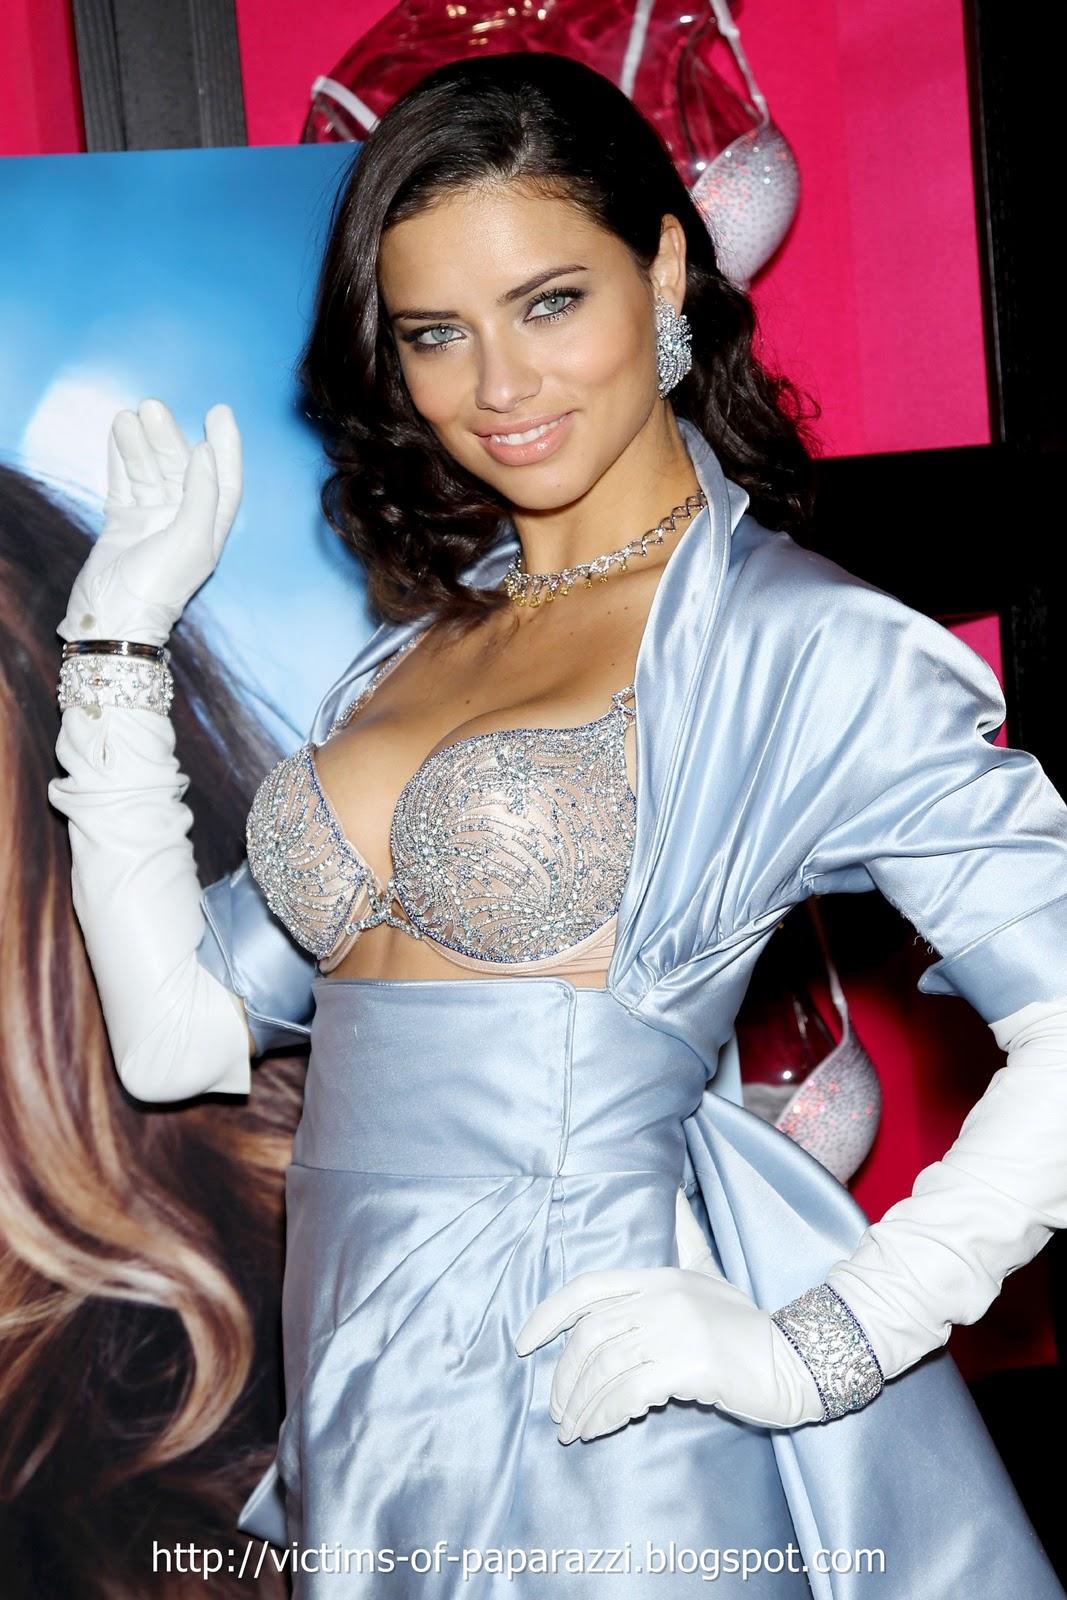 http://2.bp.blogspot.com/_NFcDSk31Yq8/TM-V5iYhb0I/AAAAAAAAATg/M7k2m1HmfA4/s1600/Adriana+Lima+bra+2.jpg